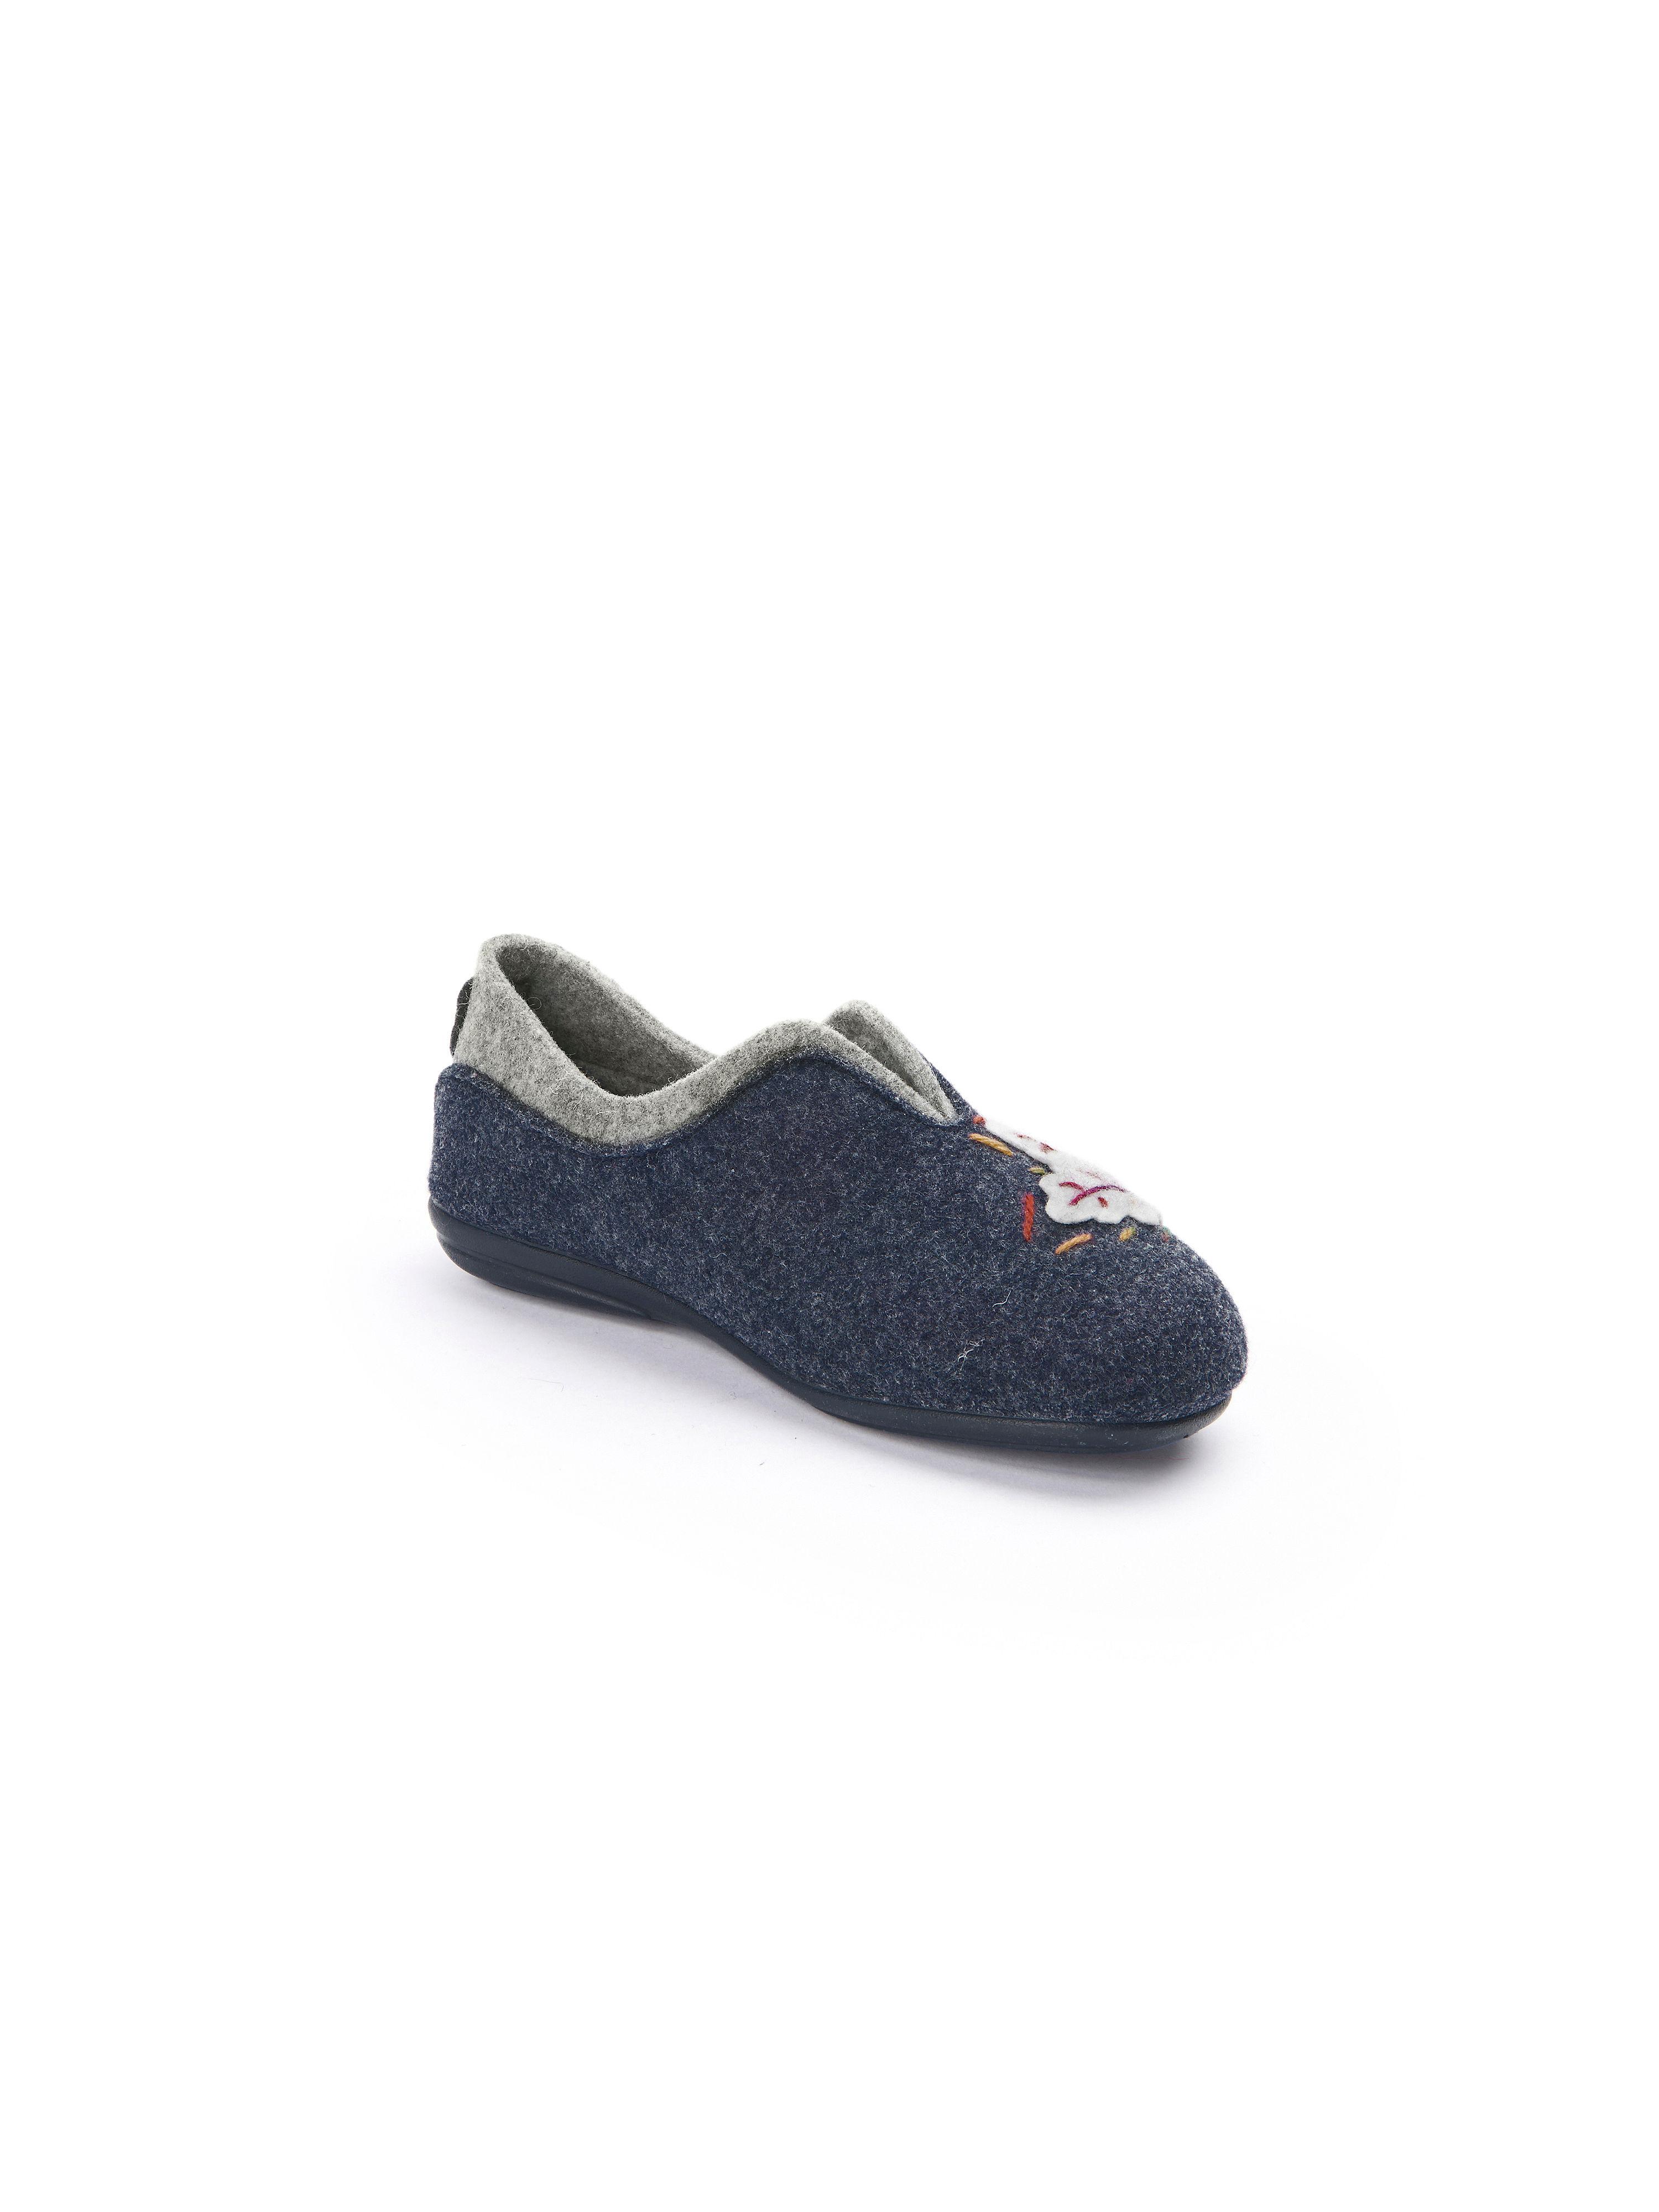 Gabor home - Hausschuh - Schuhe Marine/Grau Gute Qualität beliebte Schuhe - e9a724